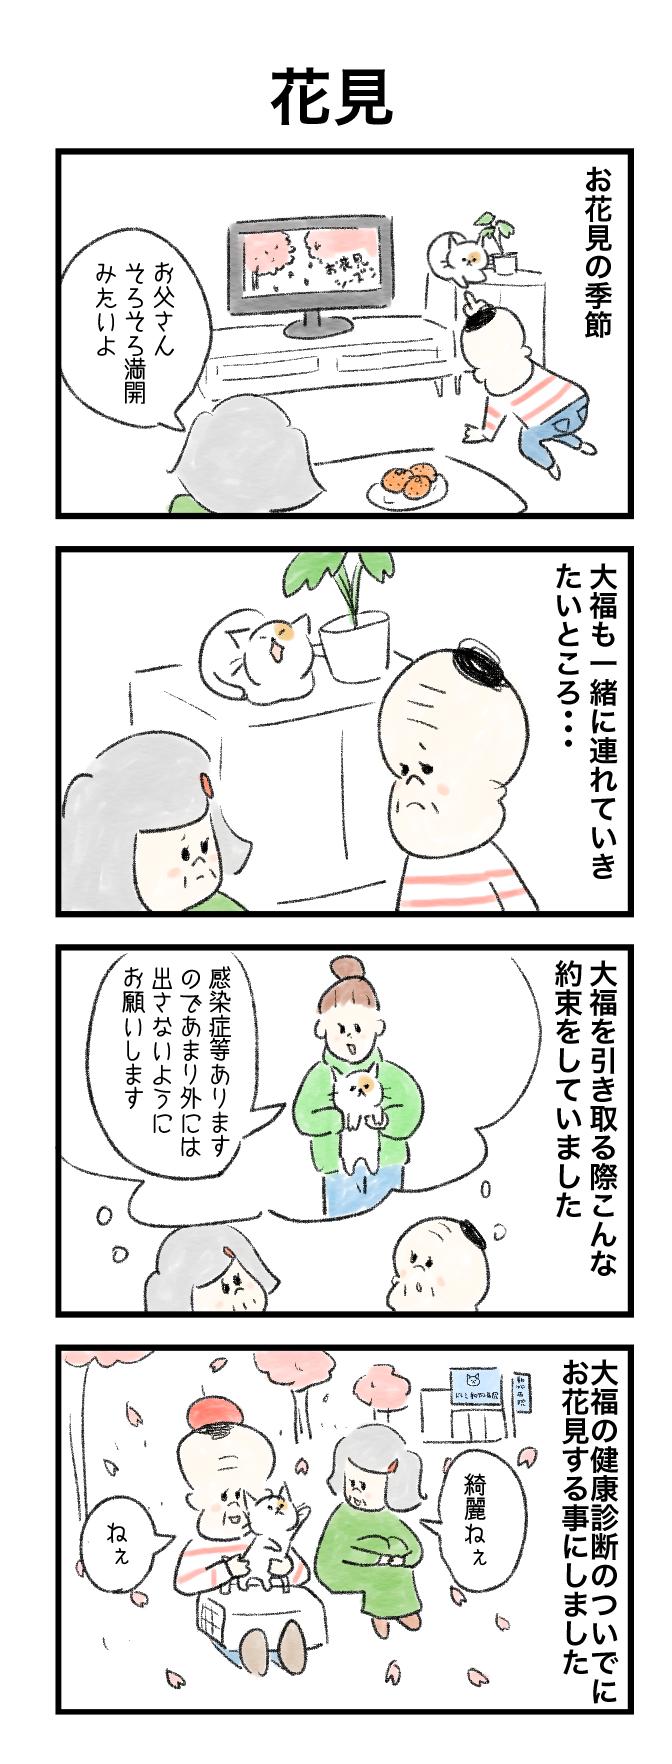 今日の泉谷さん【13】 作:カワサキヒロシ(ごとお日漫画)